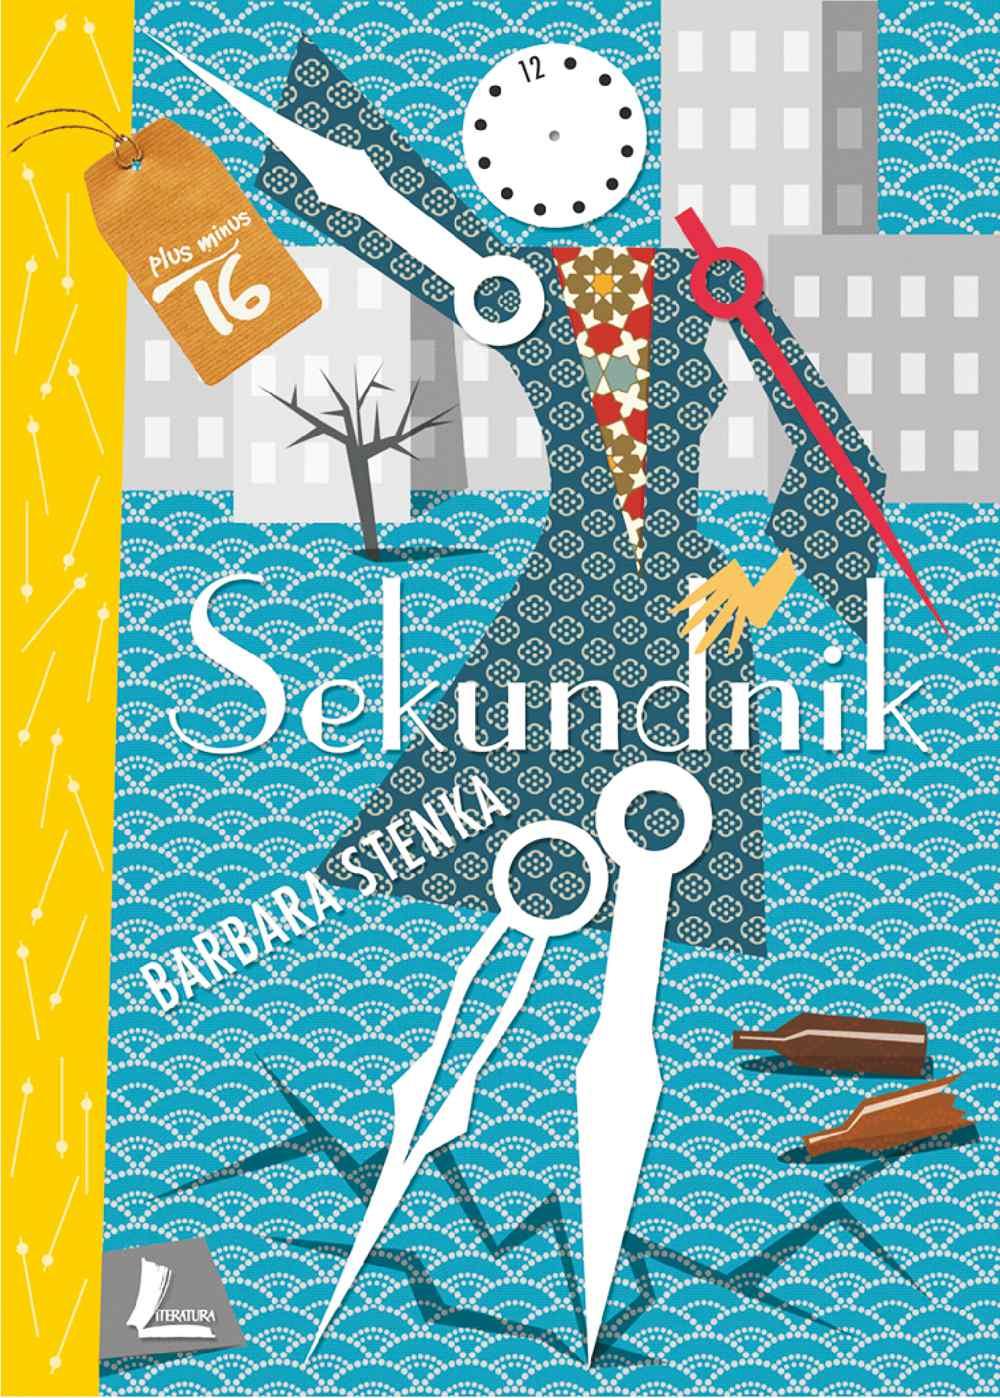 Sekundnik - Ebook (Książka EPUB) do pobrania w formacie EPUB